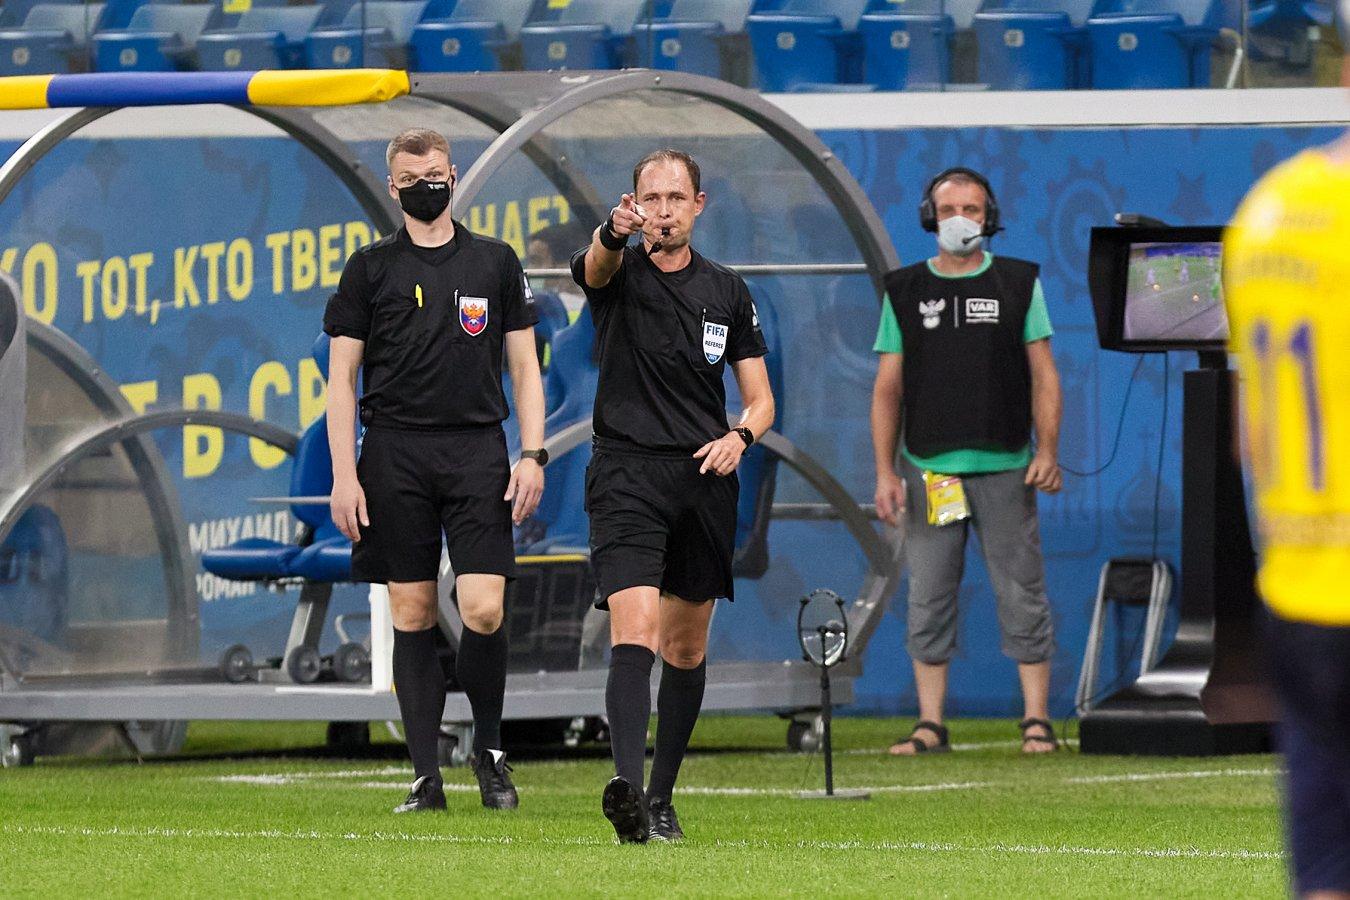 ЭКС РФС признала две ошибки Мешкова в матче «Ростов» — «Зенит»